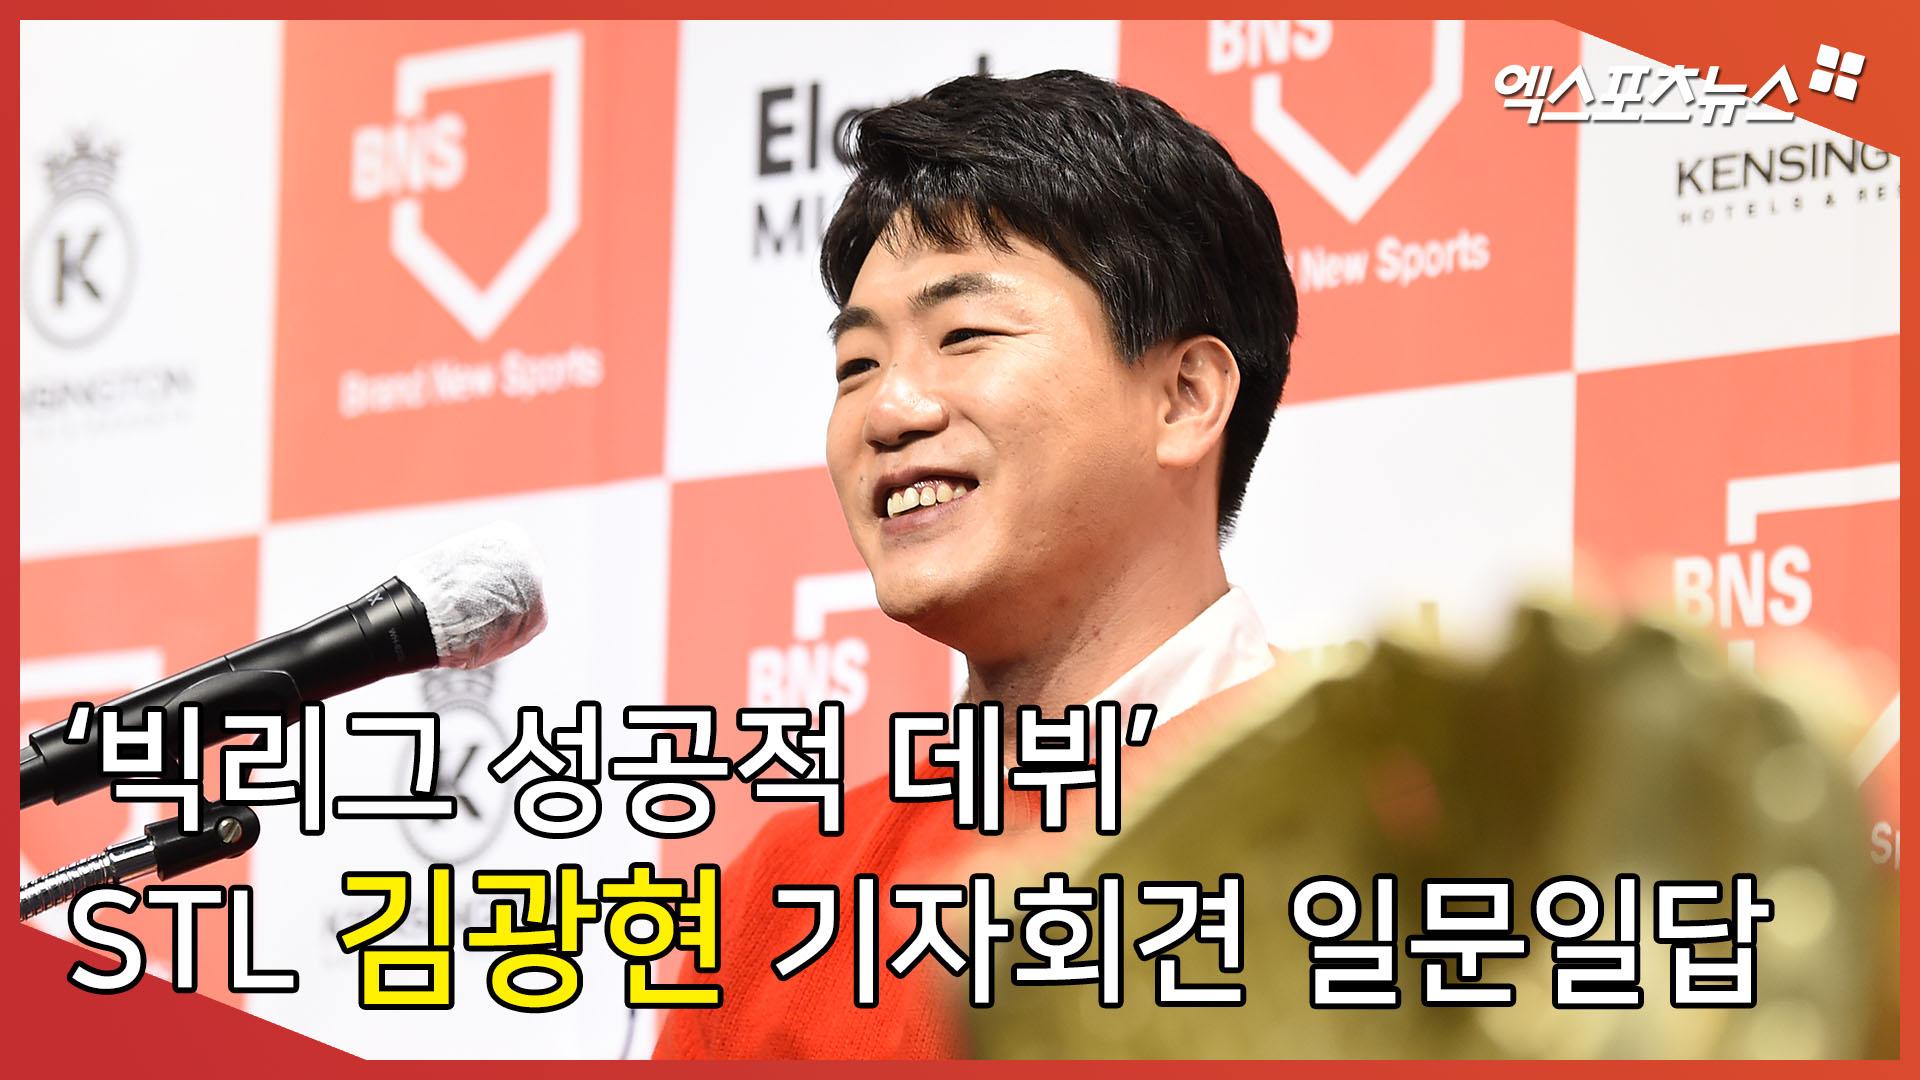 '빅리그 성공적 데뷔' STL 김광현, 귀국 기자회견[엑's 스케치]